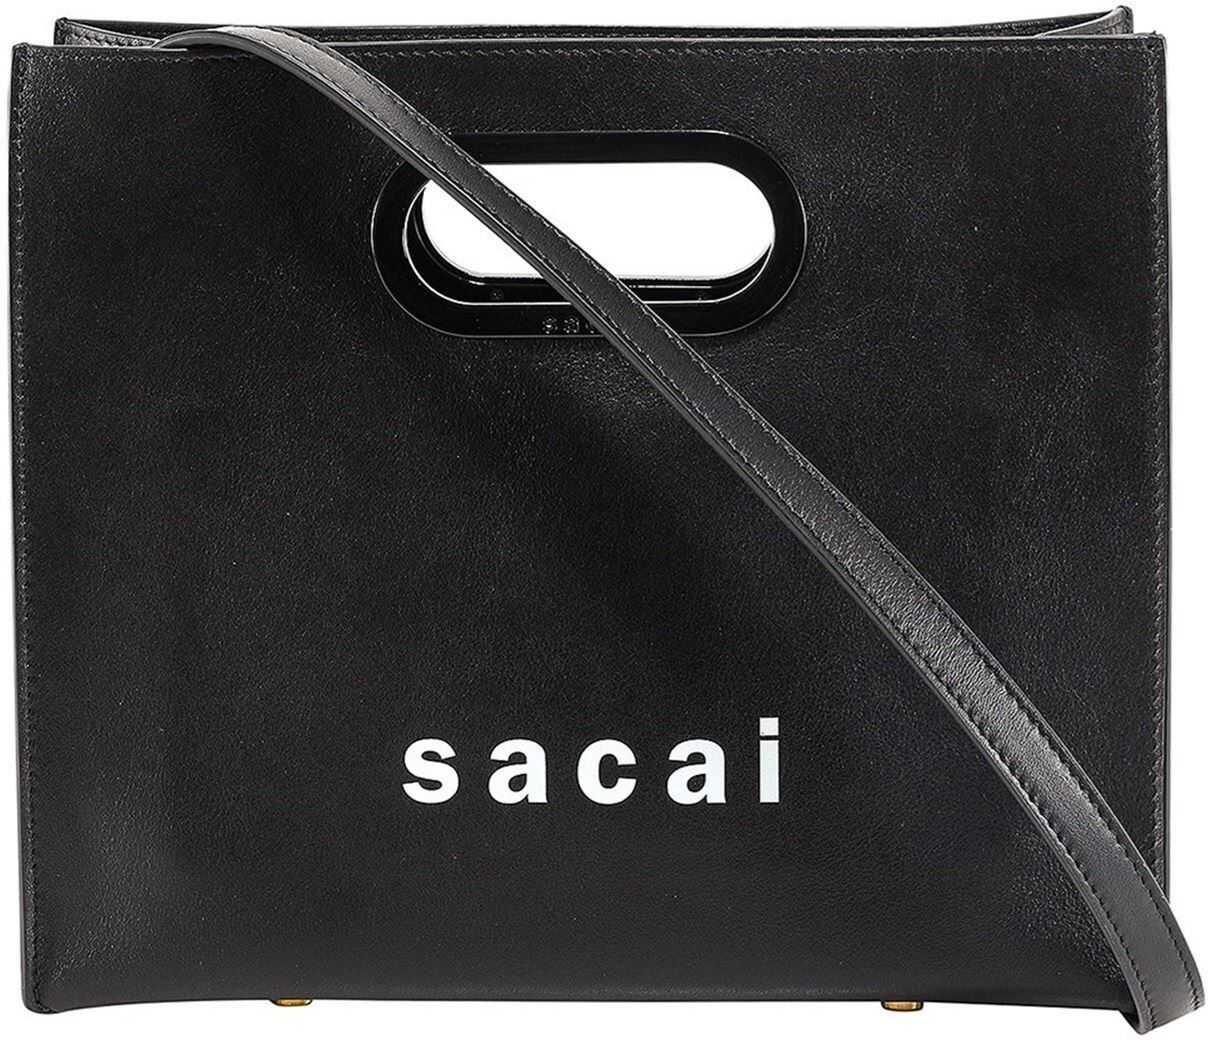 Sacai Small Compact Tote Bag In Black S06601001 Black imagine b-mall.ro